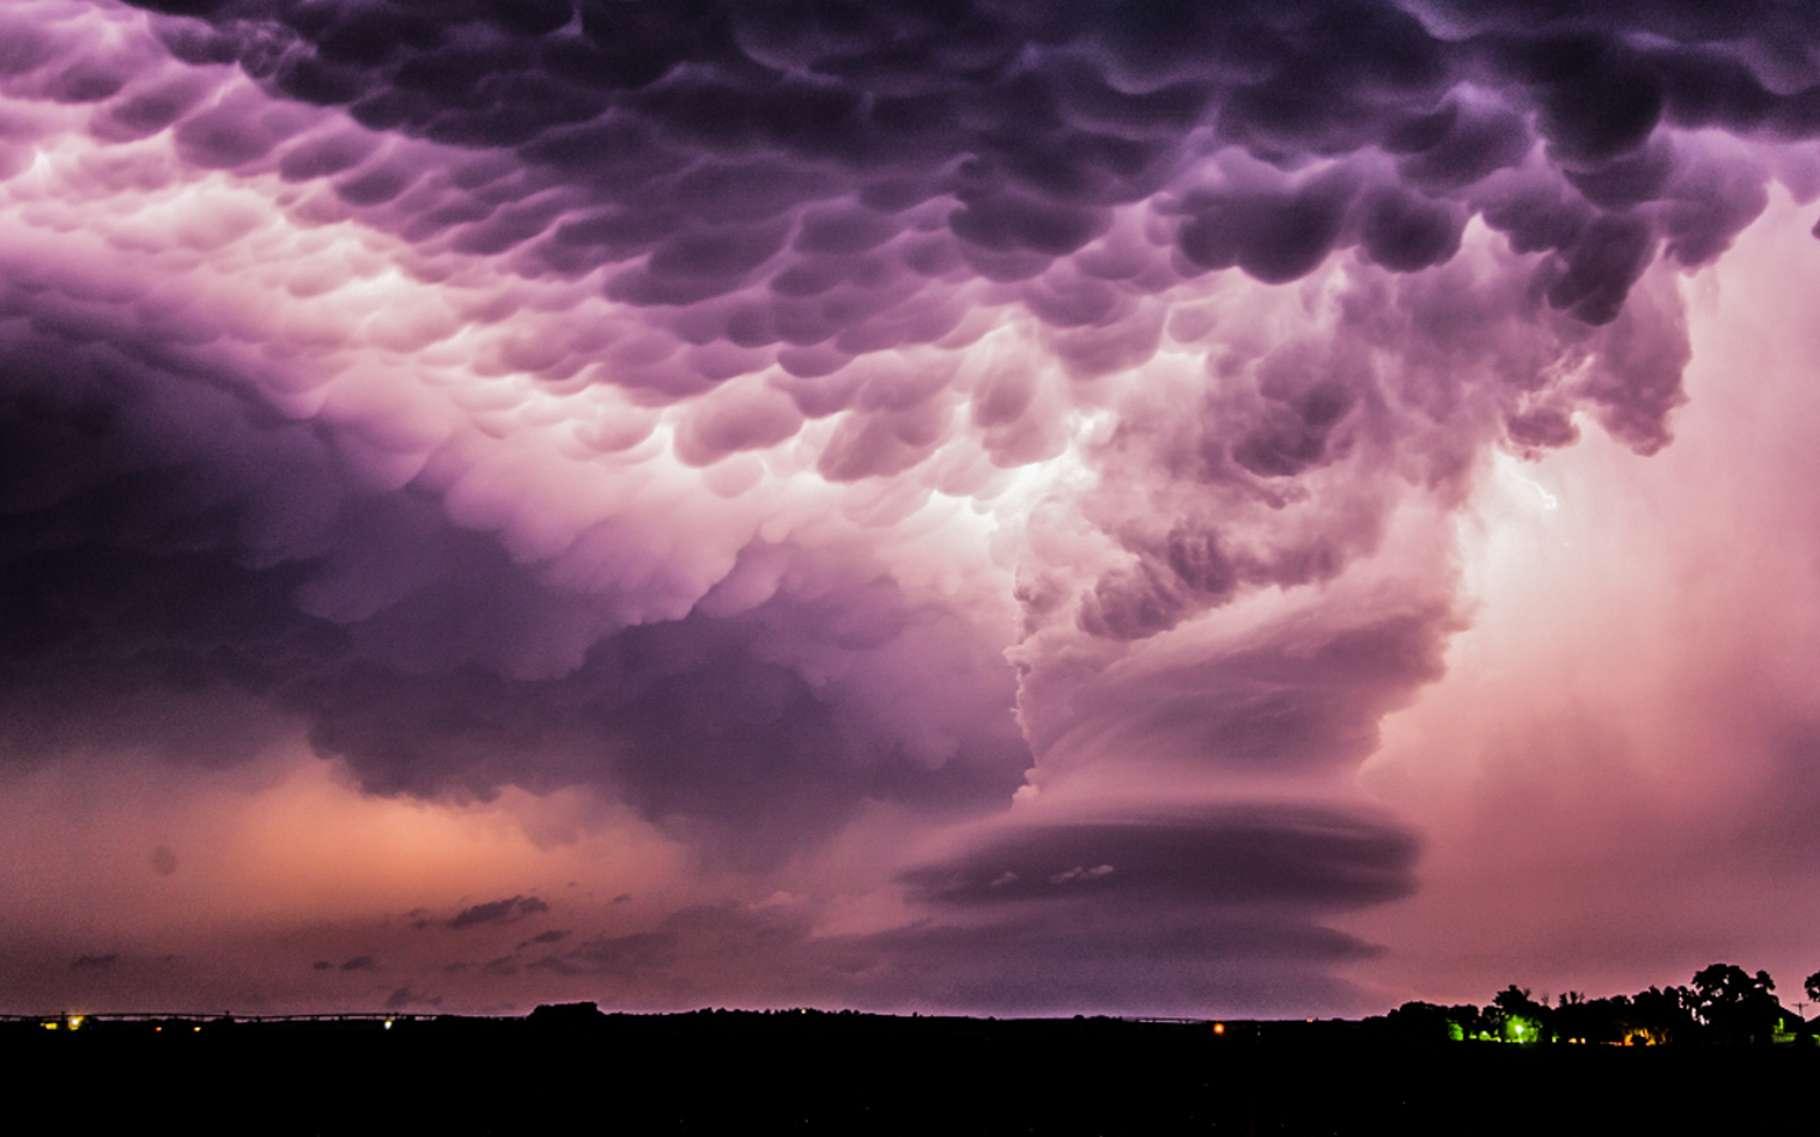 Une tempête au-dessus du Nebraska au ventre bosselé. Les mammatus se forment lorsqu'un nuage instable rencontre une couche d'air très sec. © Stephen Lansdell, Royal Photographic Society